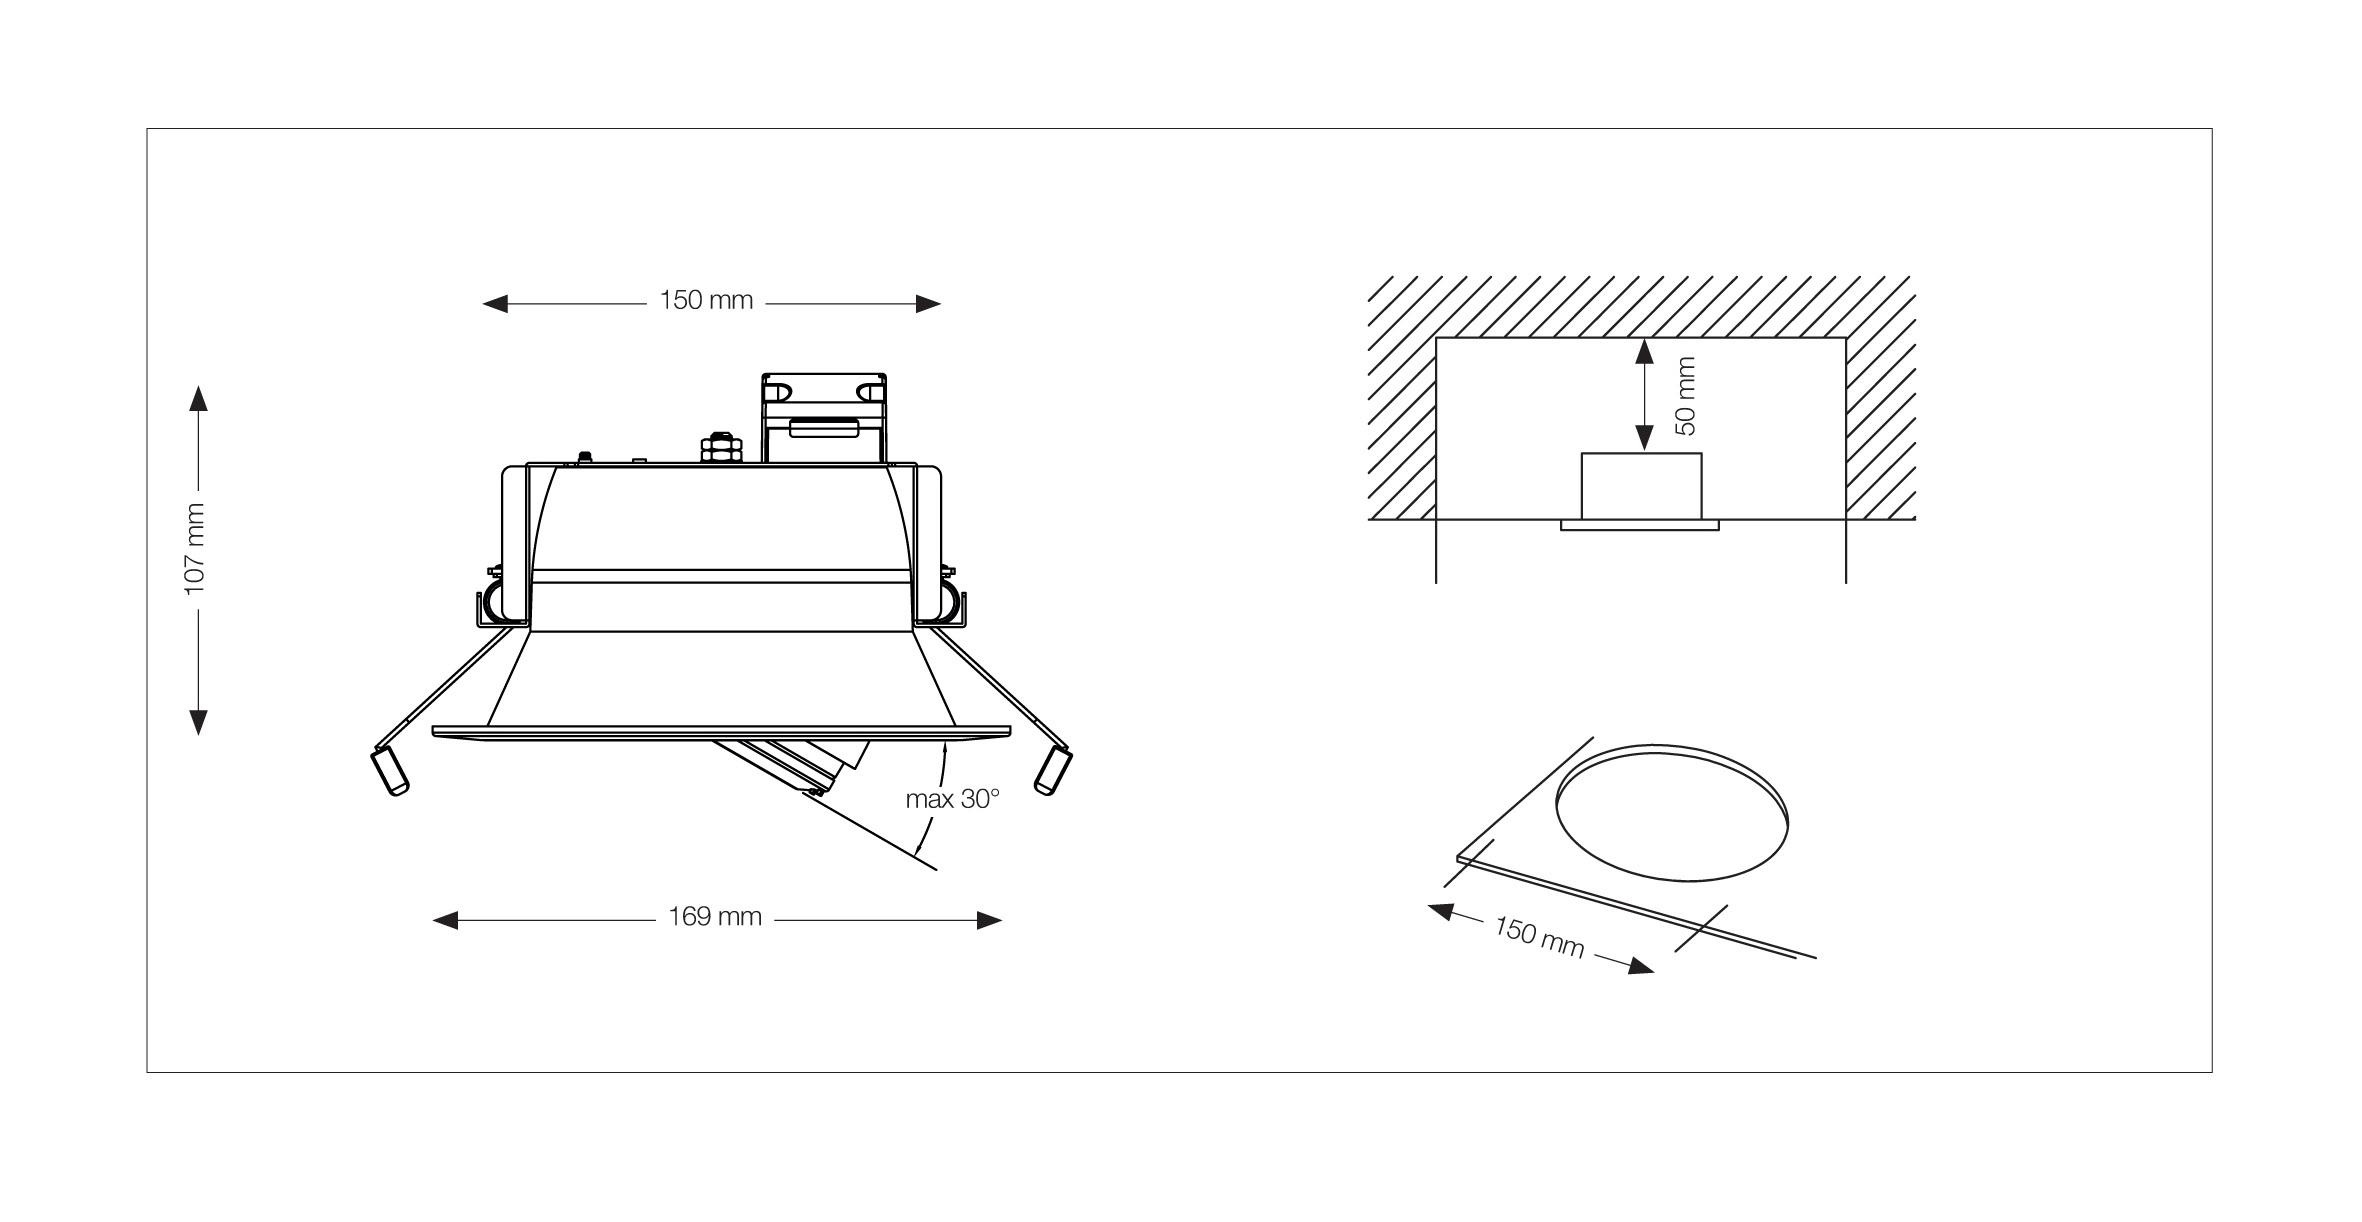 Toshiba LEDEUD00110S27 Interno Recessed lighting spot GX53 6.9W Bianco faretto di illuminazione